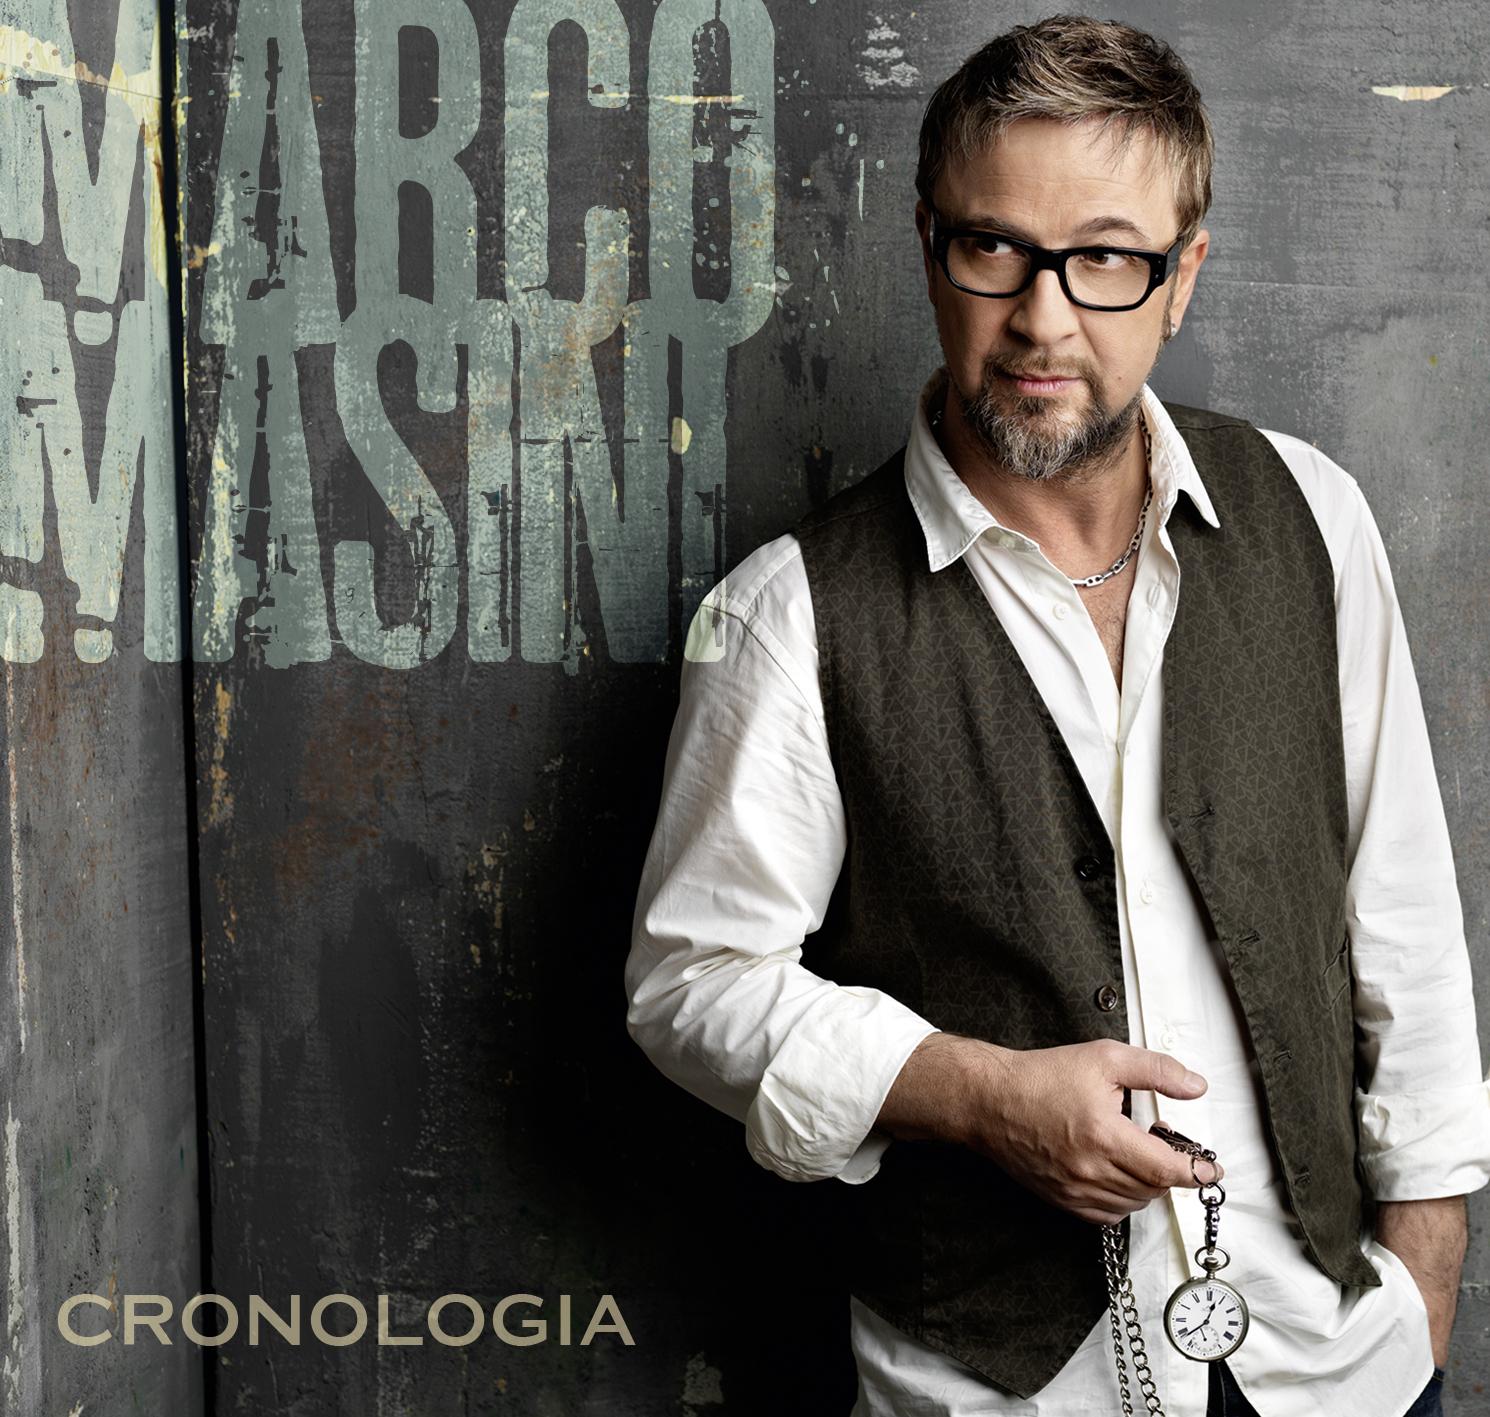 marco-masini-cronologia_1569798a493ba2